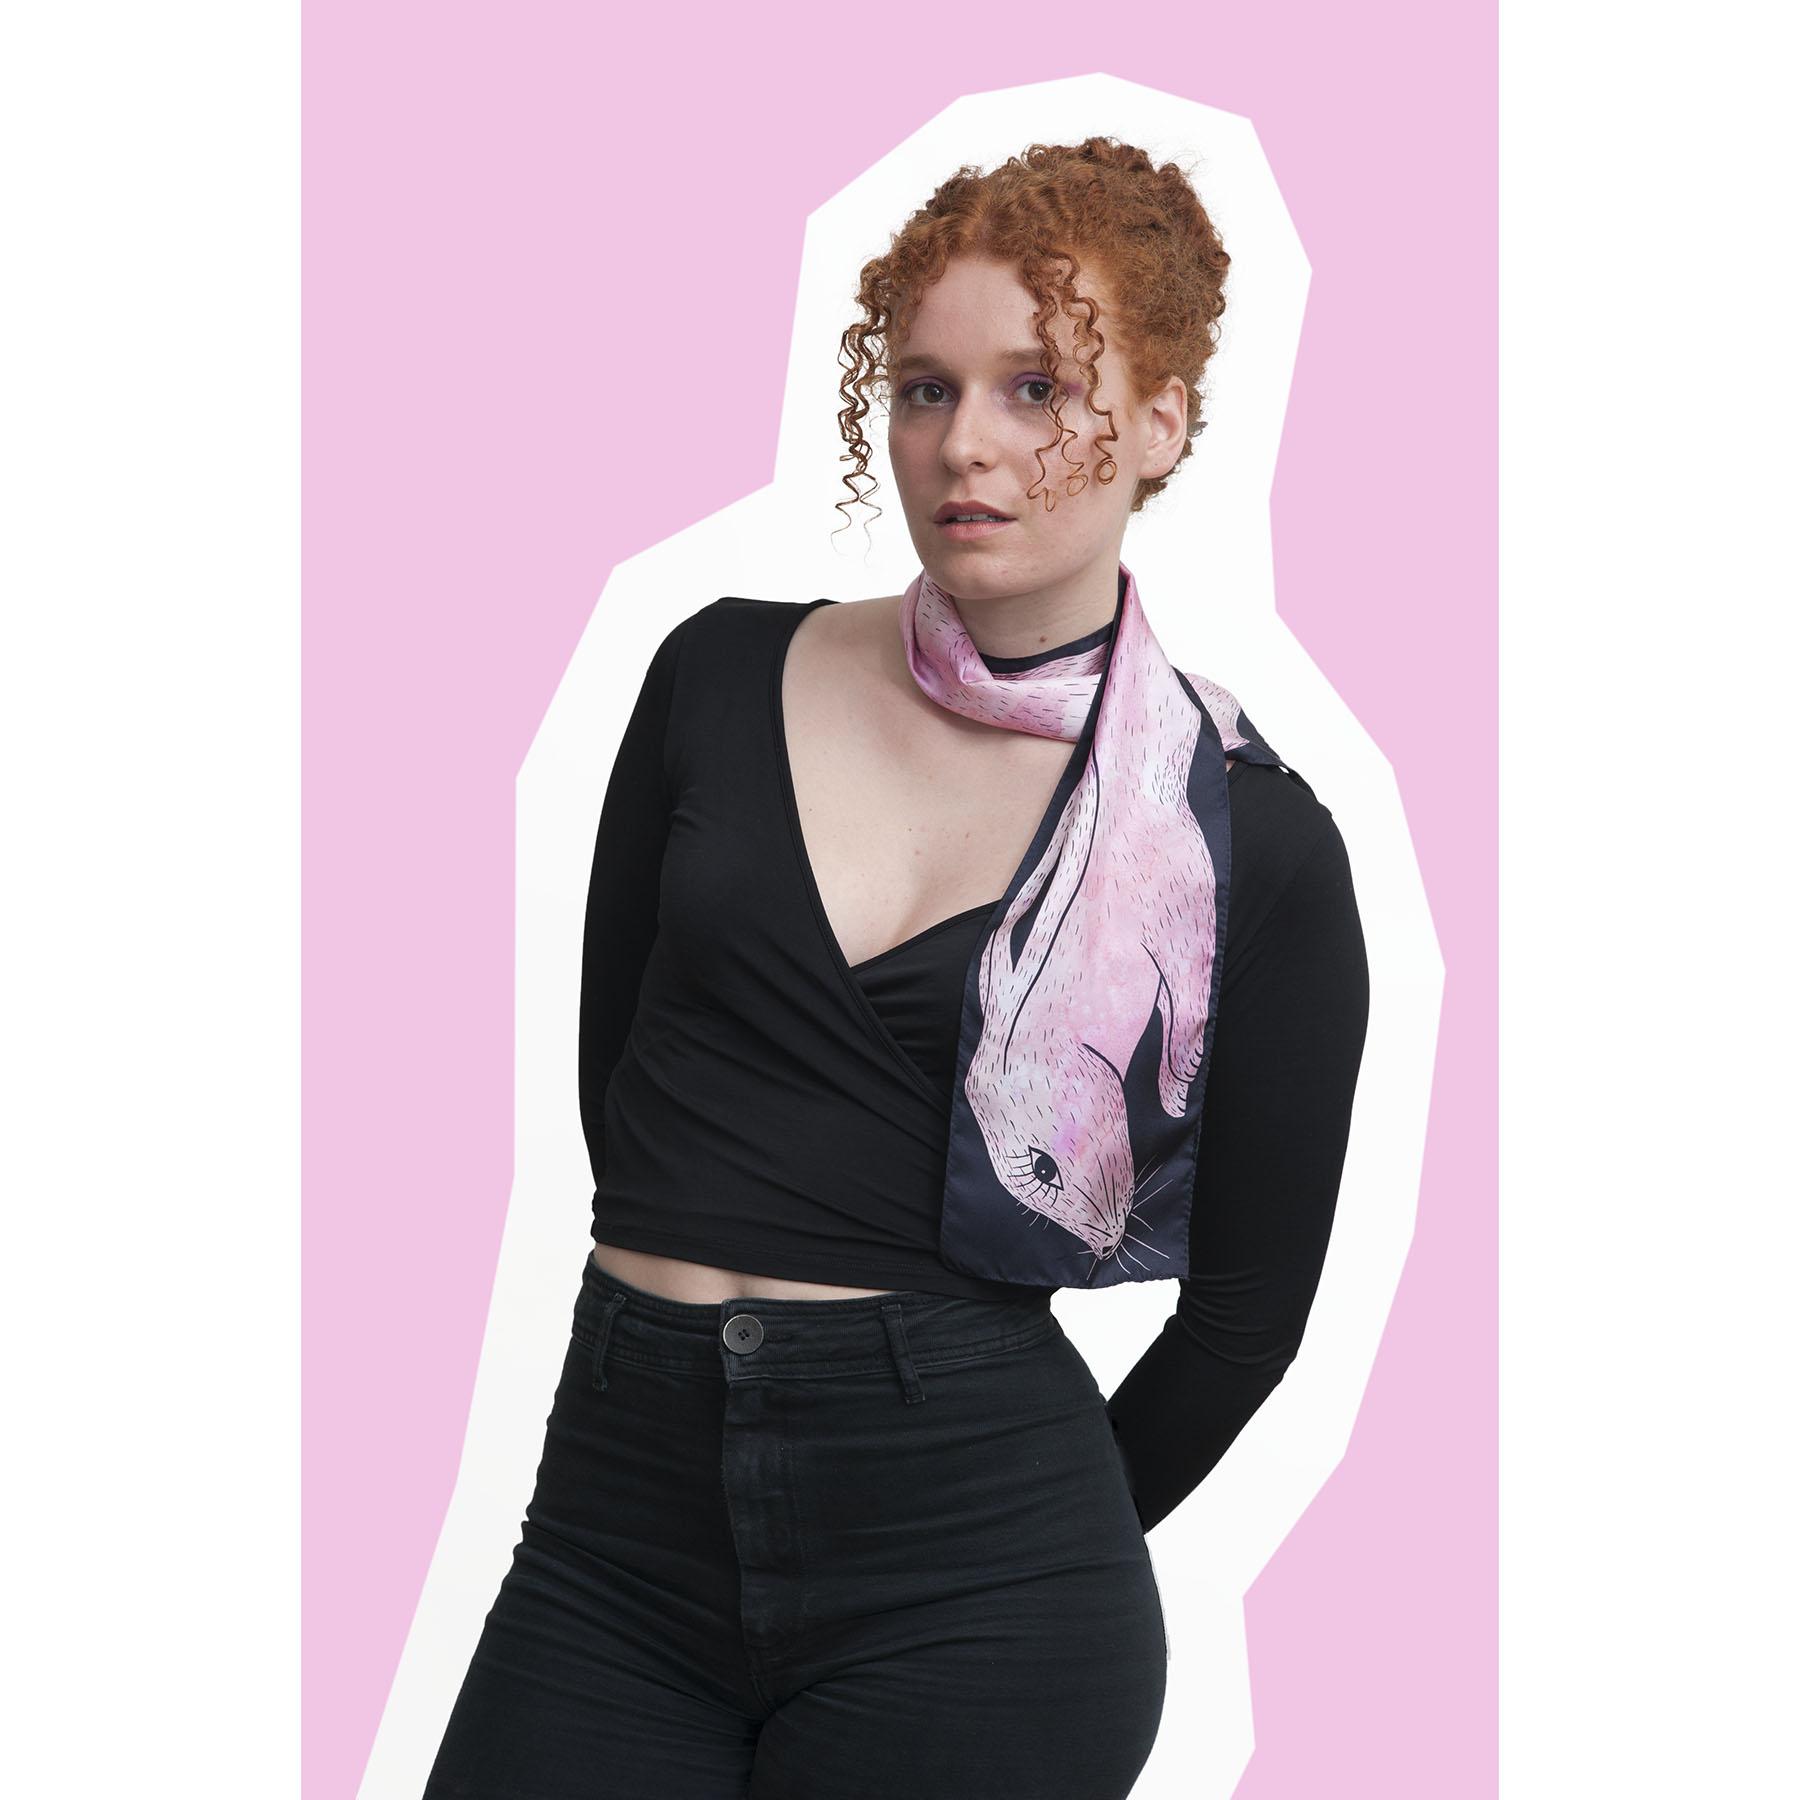 jeune fille portant le foulard en soie dessin lapin rose